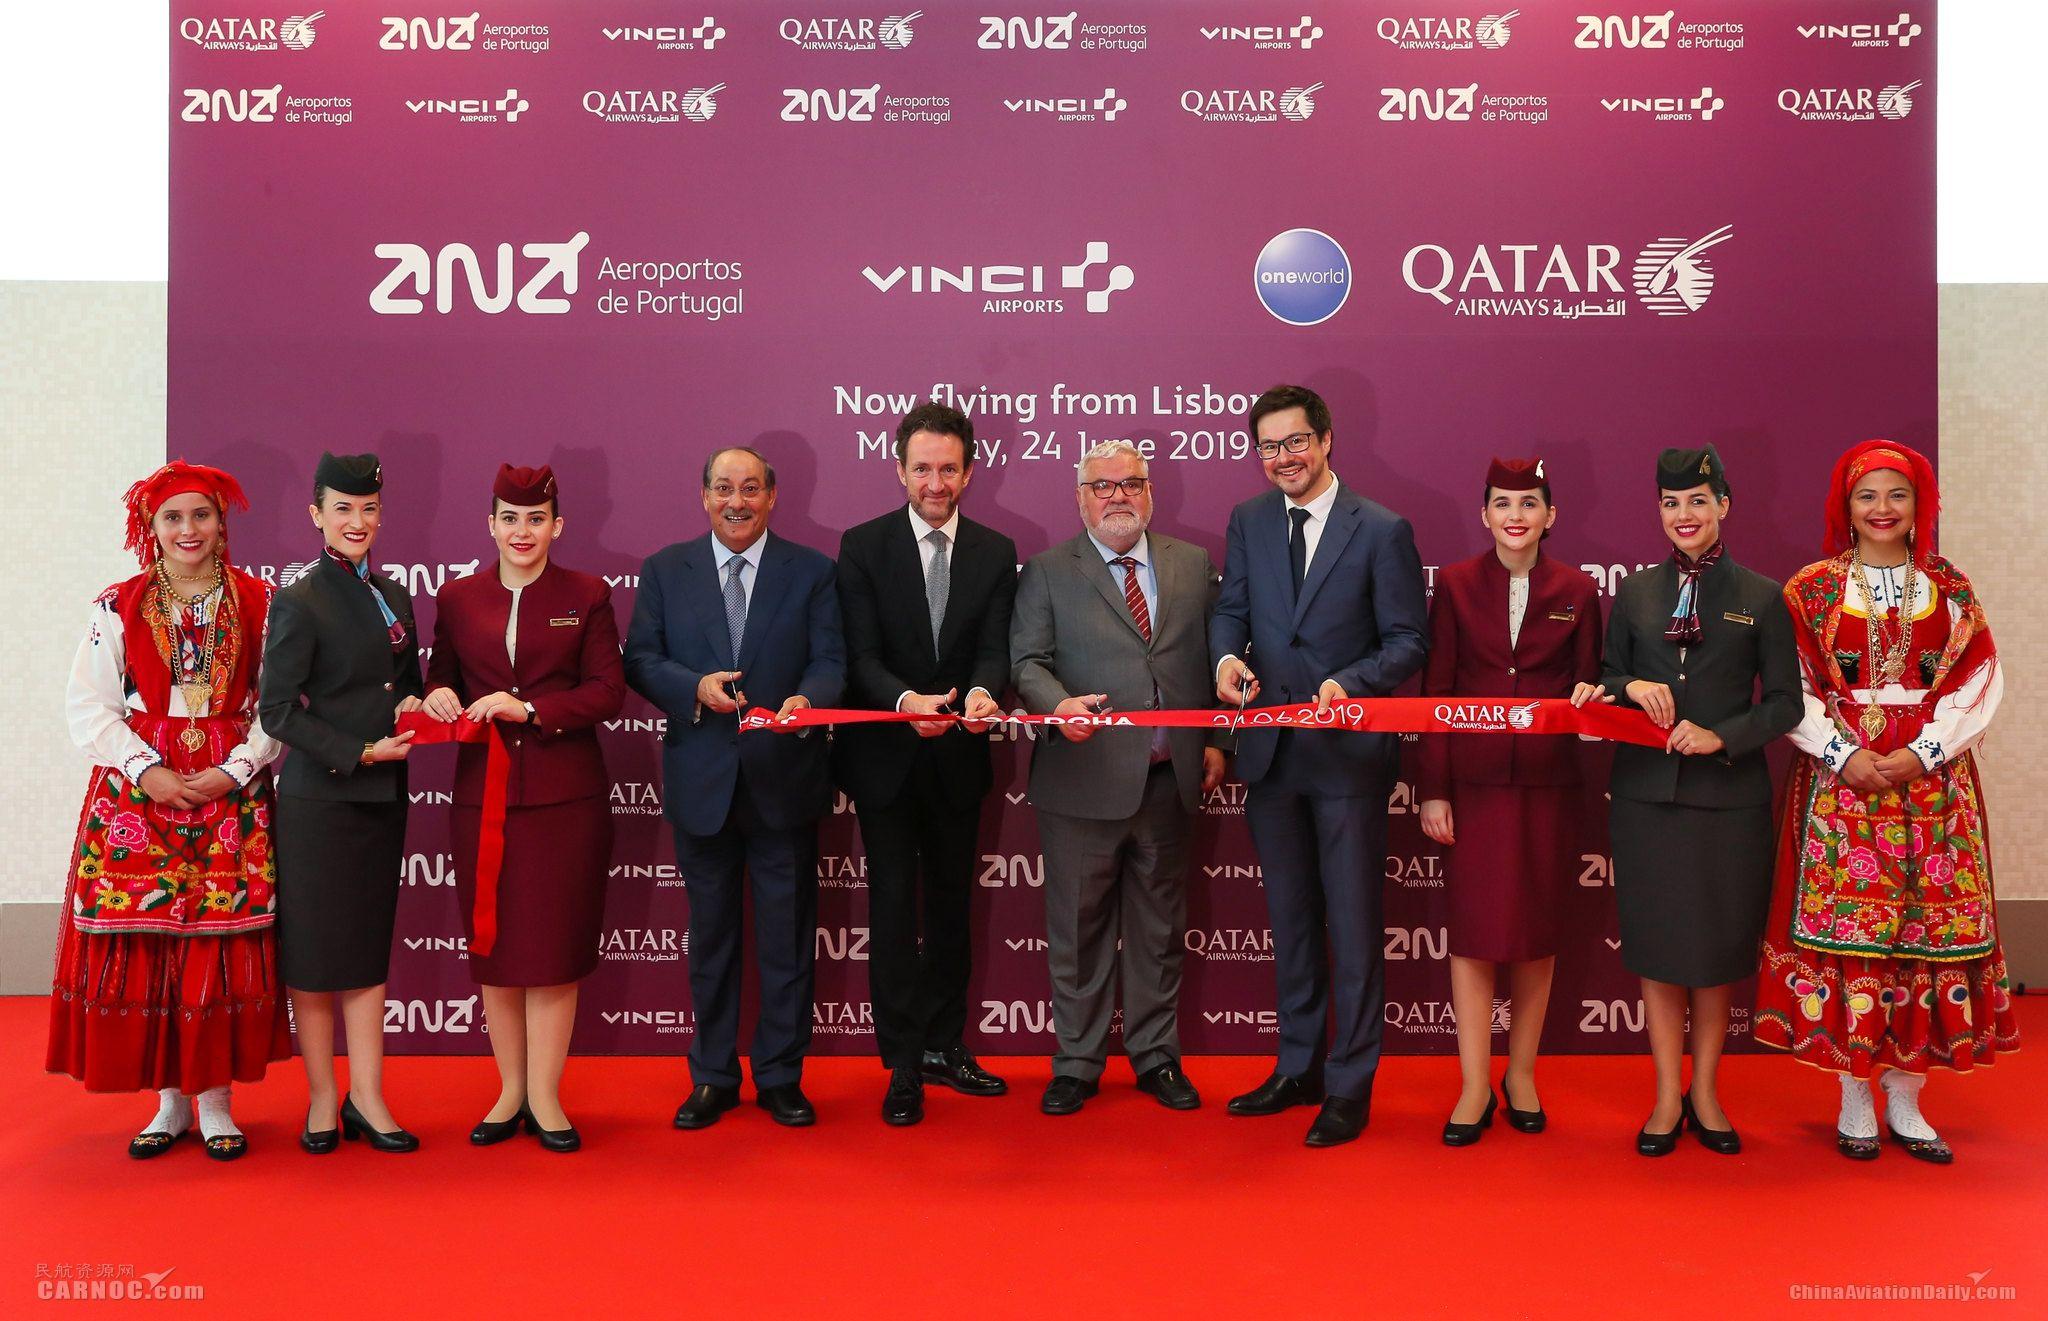 卡塔尔航空开通多哈直飞葡萄牙里斯本的新航线